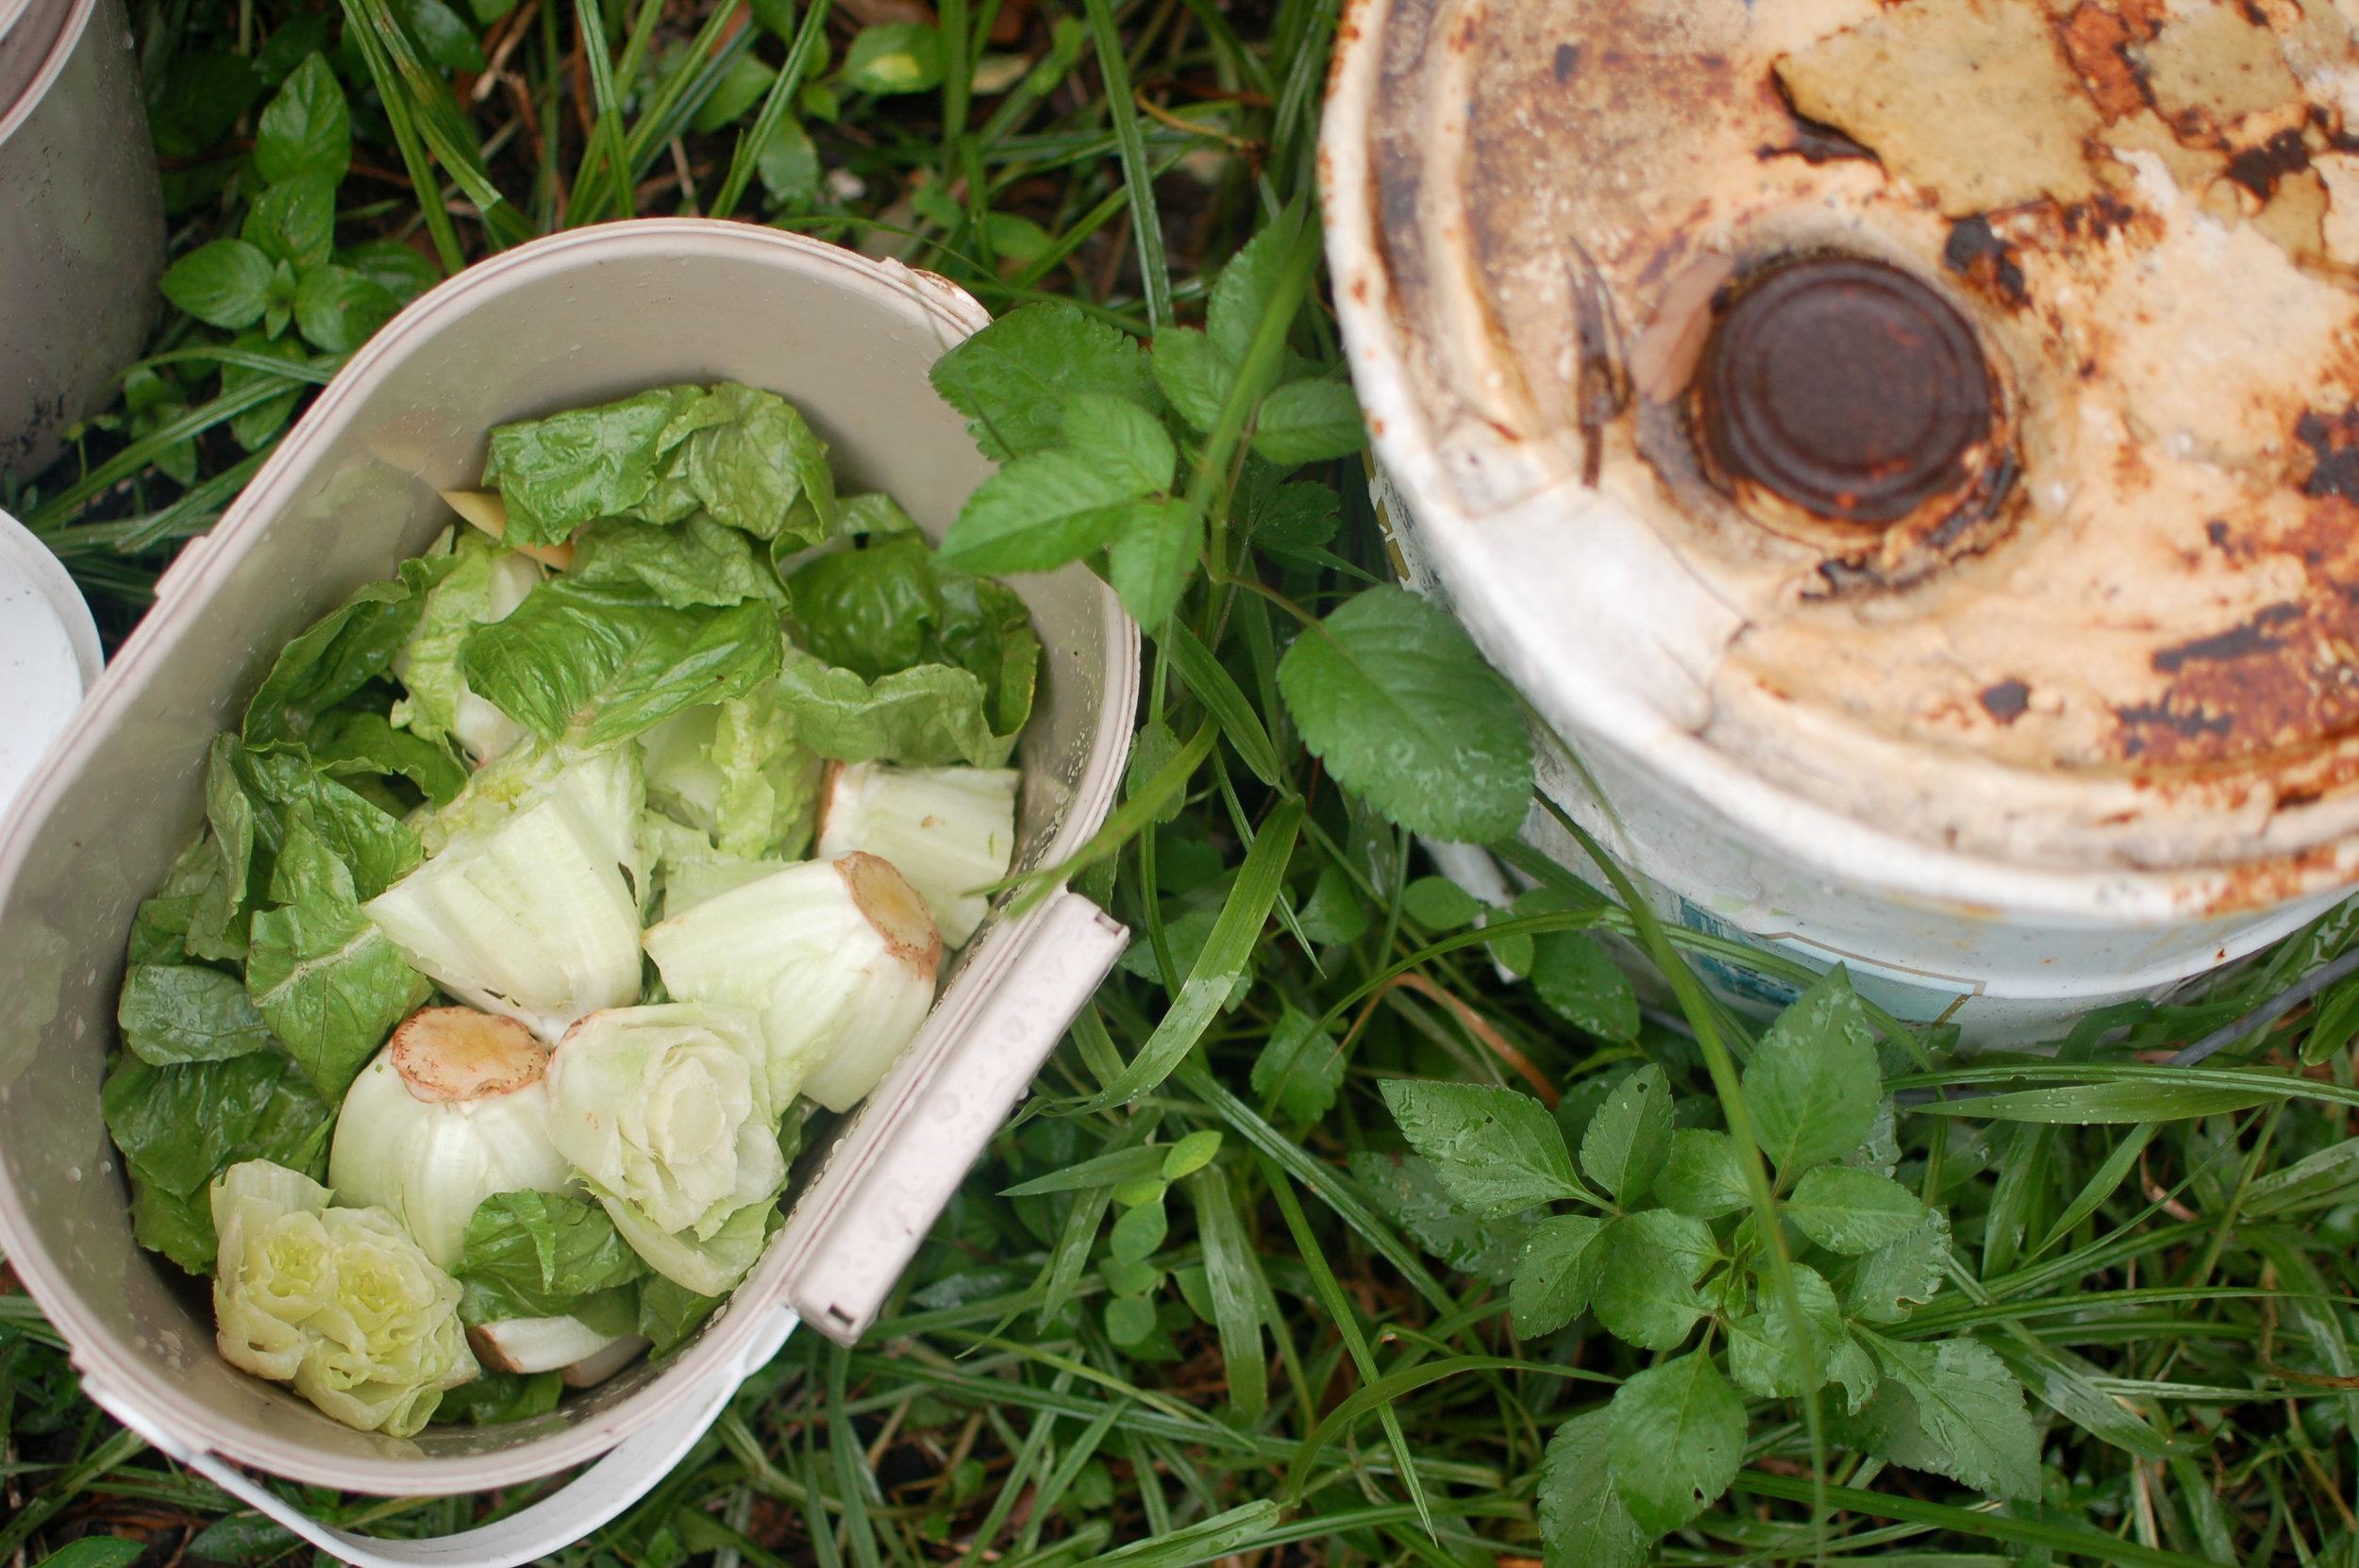 i 4 - compost - photos-5839.jpg